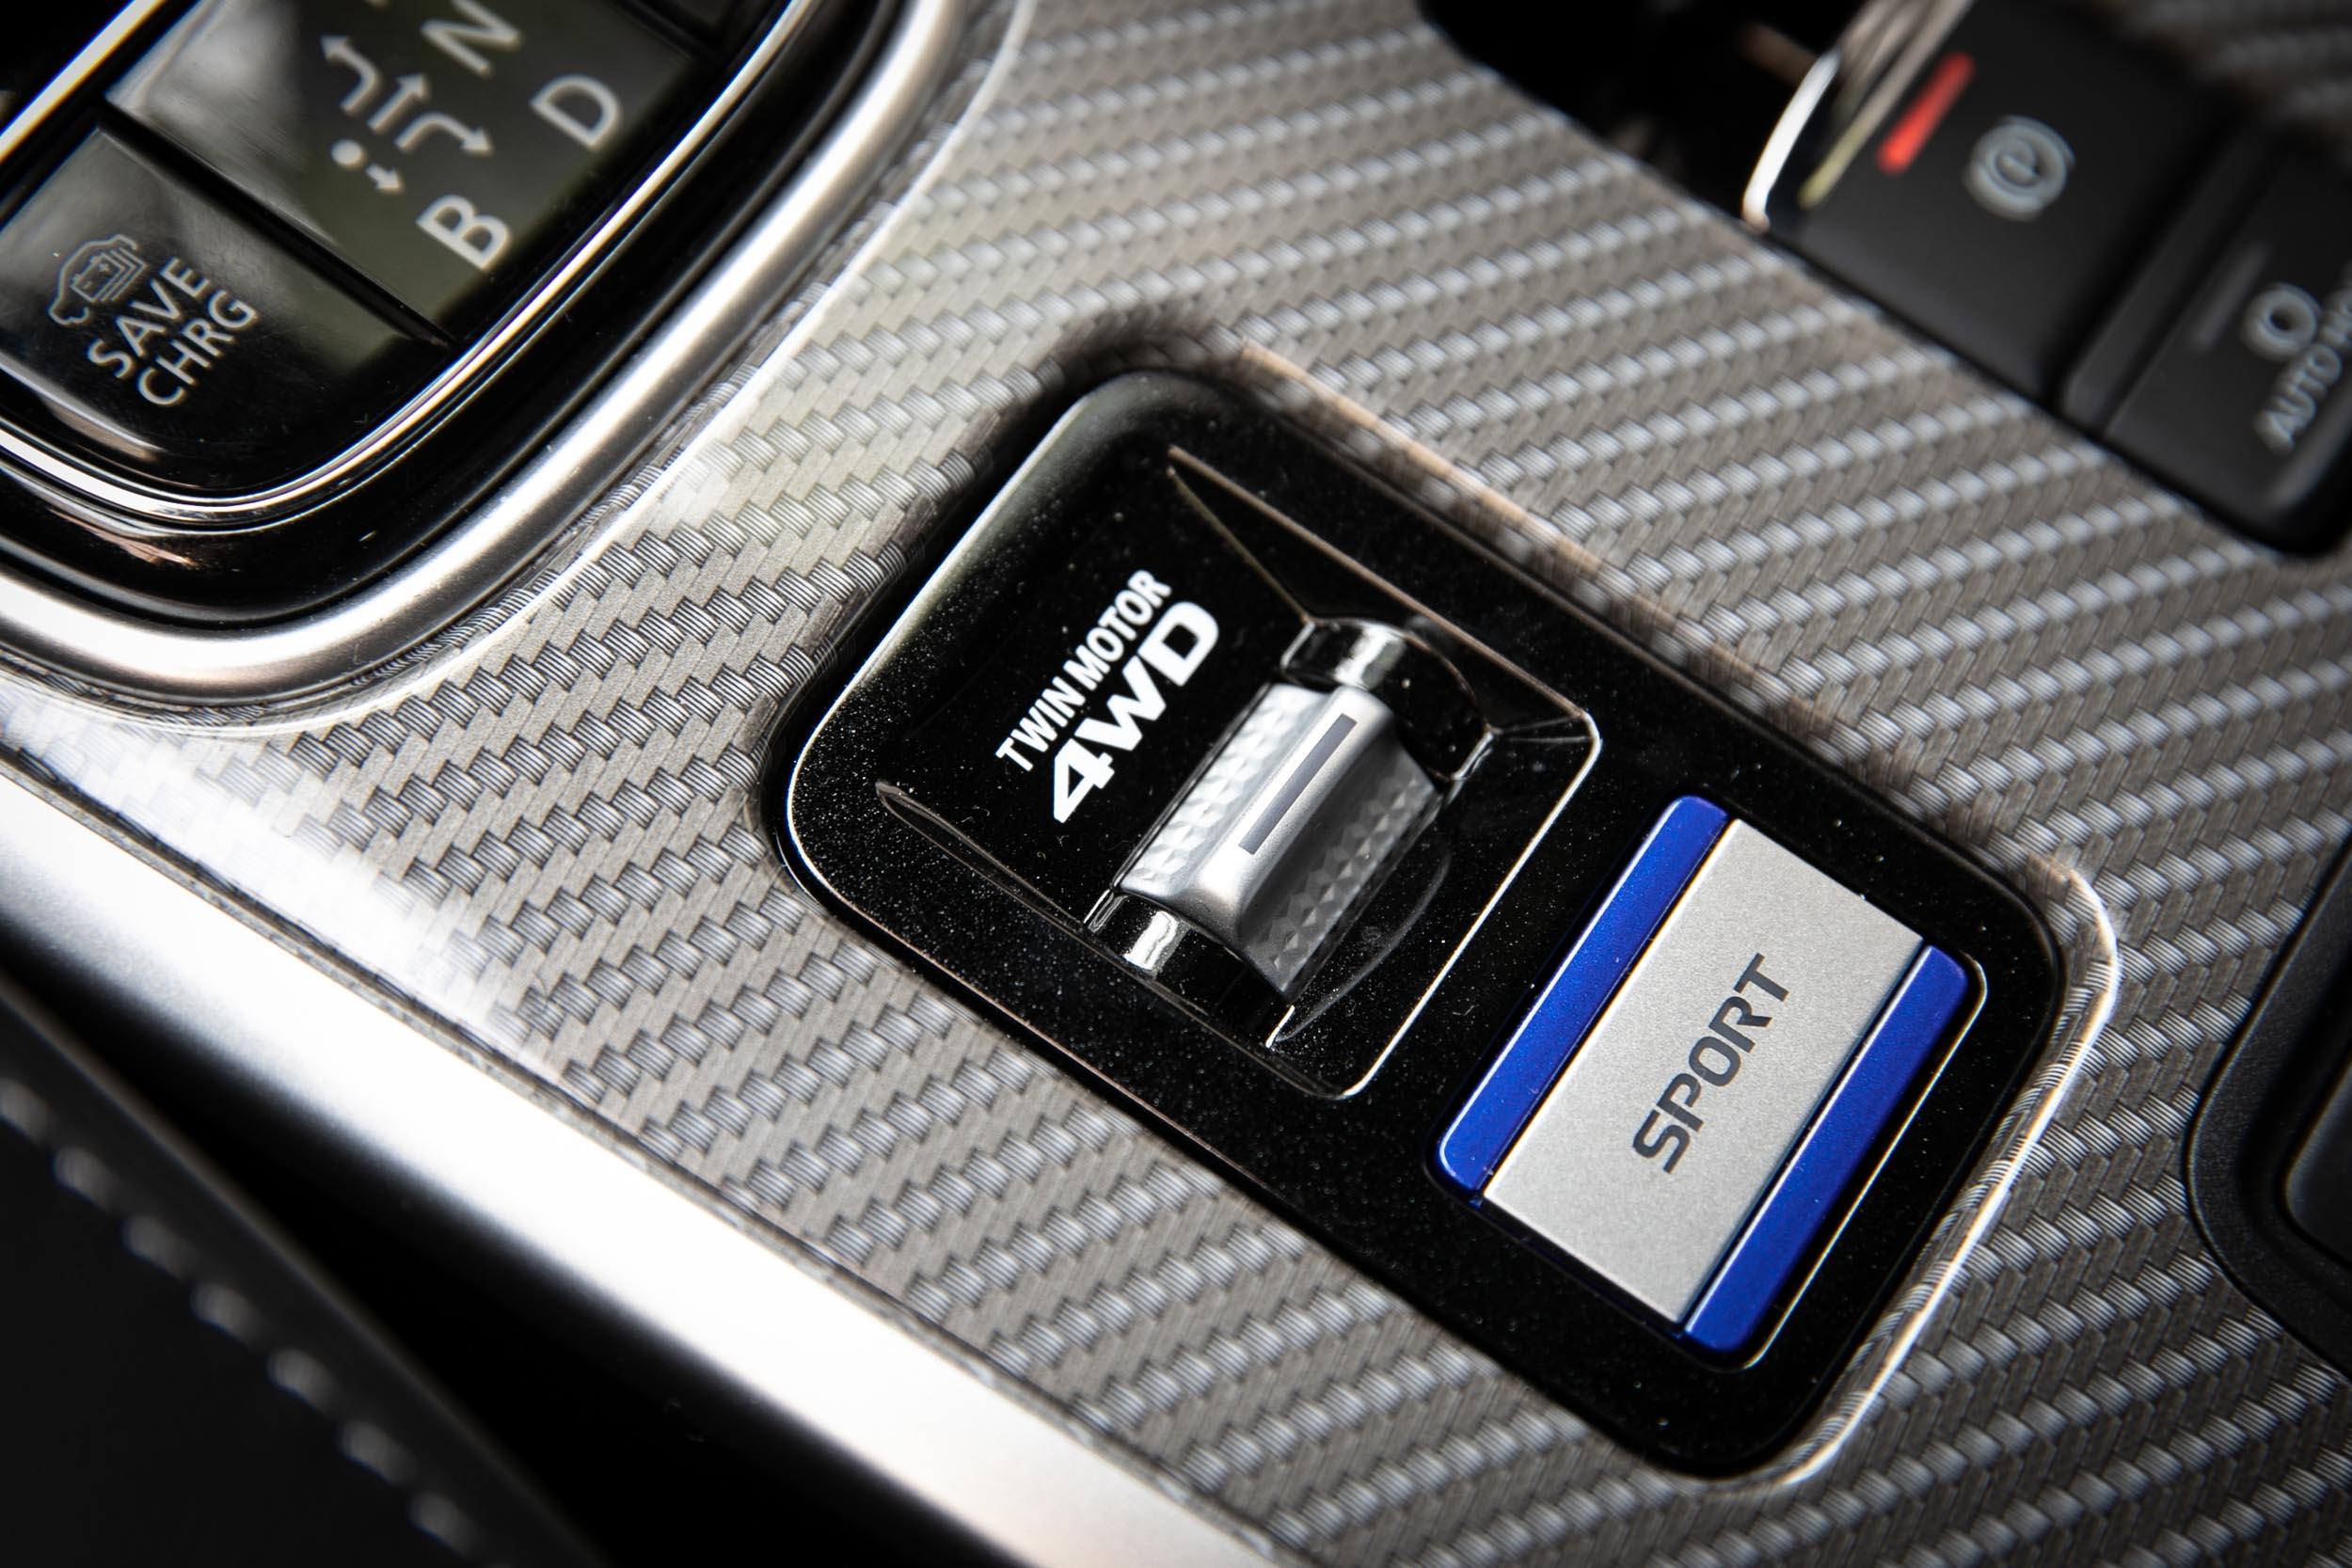 配備有 S-AWC 四輪驅動系統,透過兩只電動馬達的驅動,實現四輪驅動性能以外,還可切換至 4WD LOCK 功能,達到更佳的脫困能力。